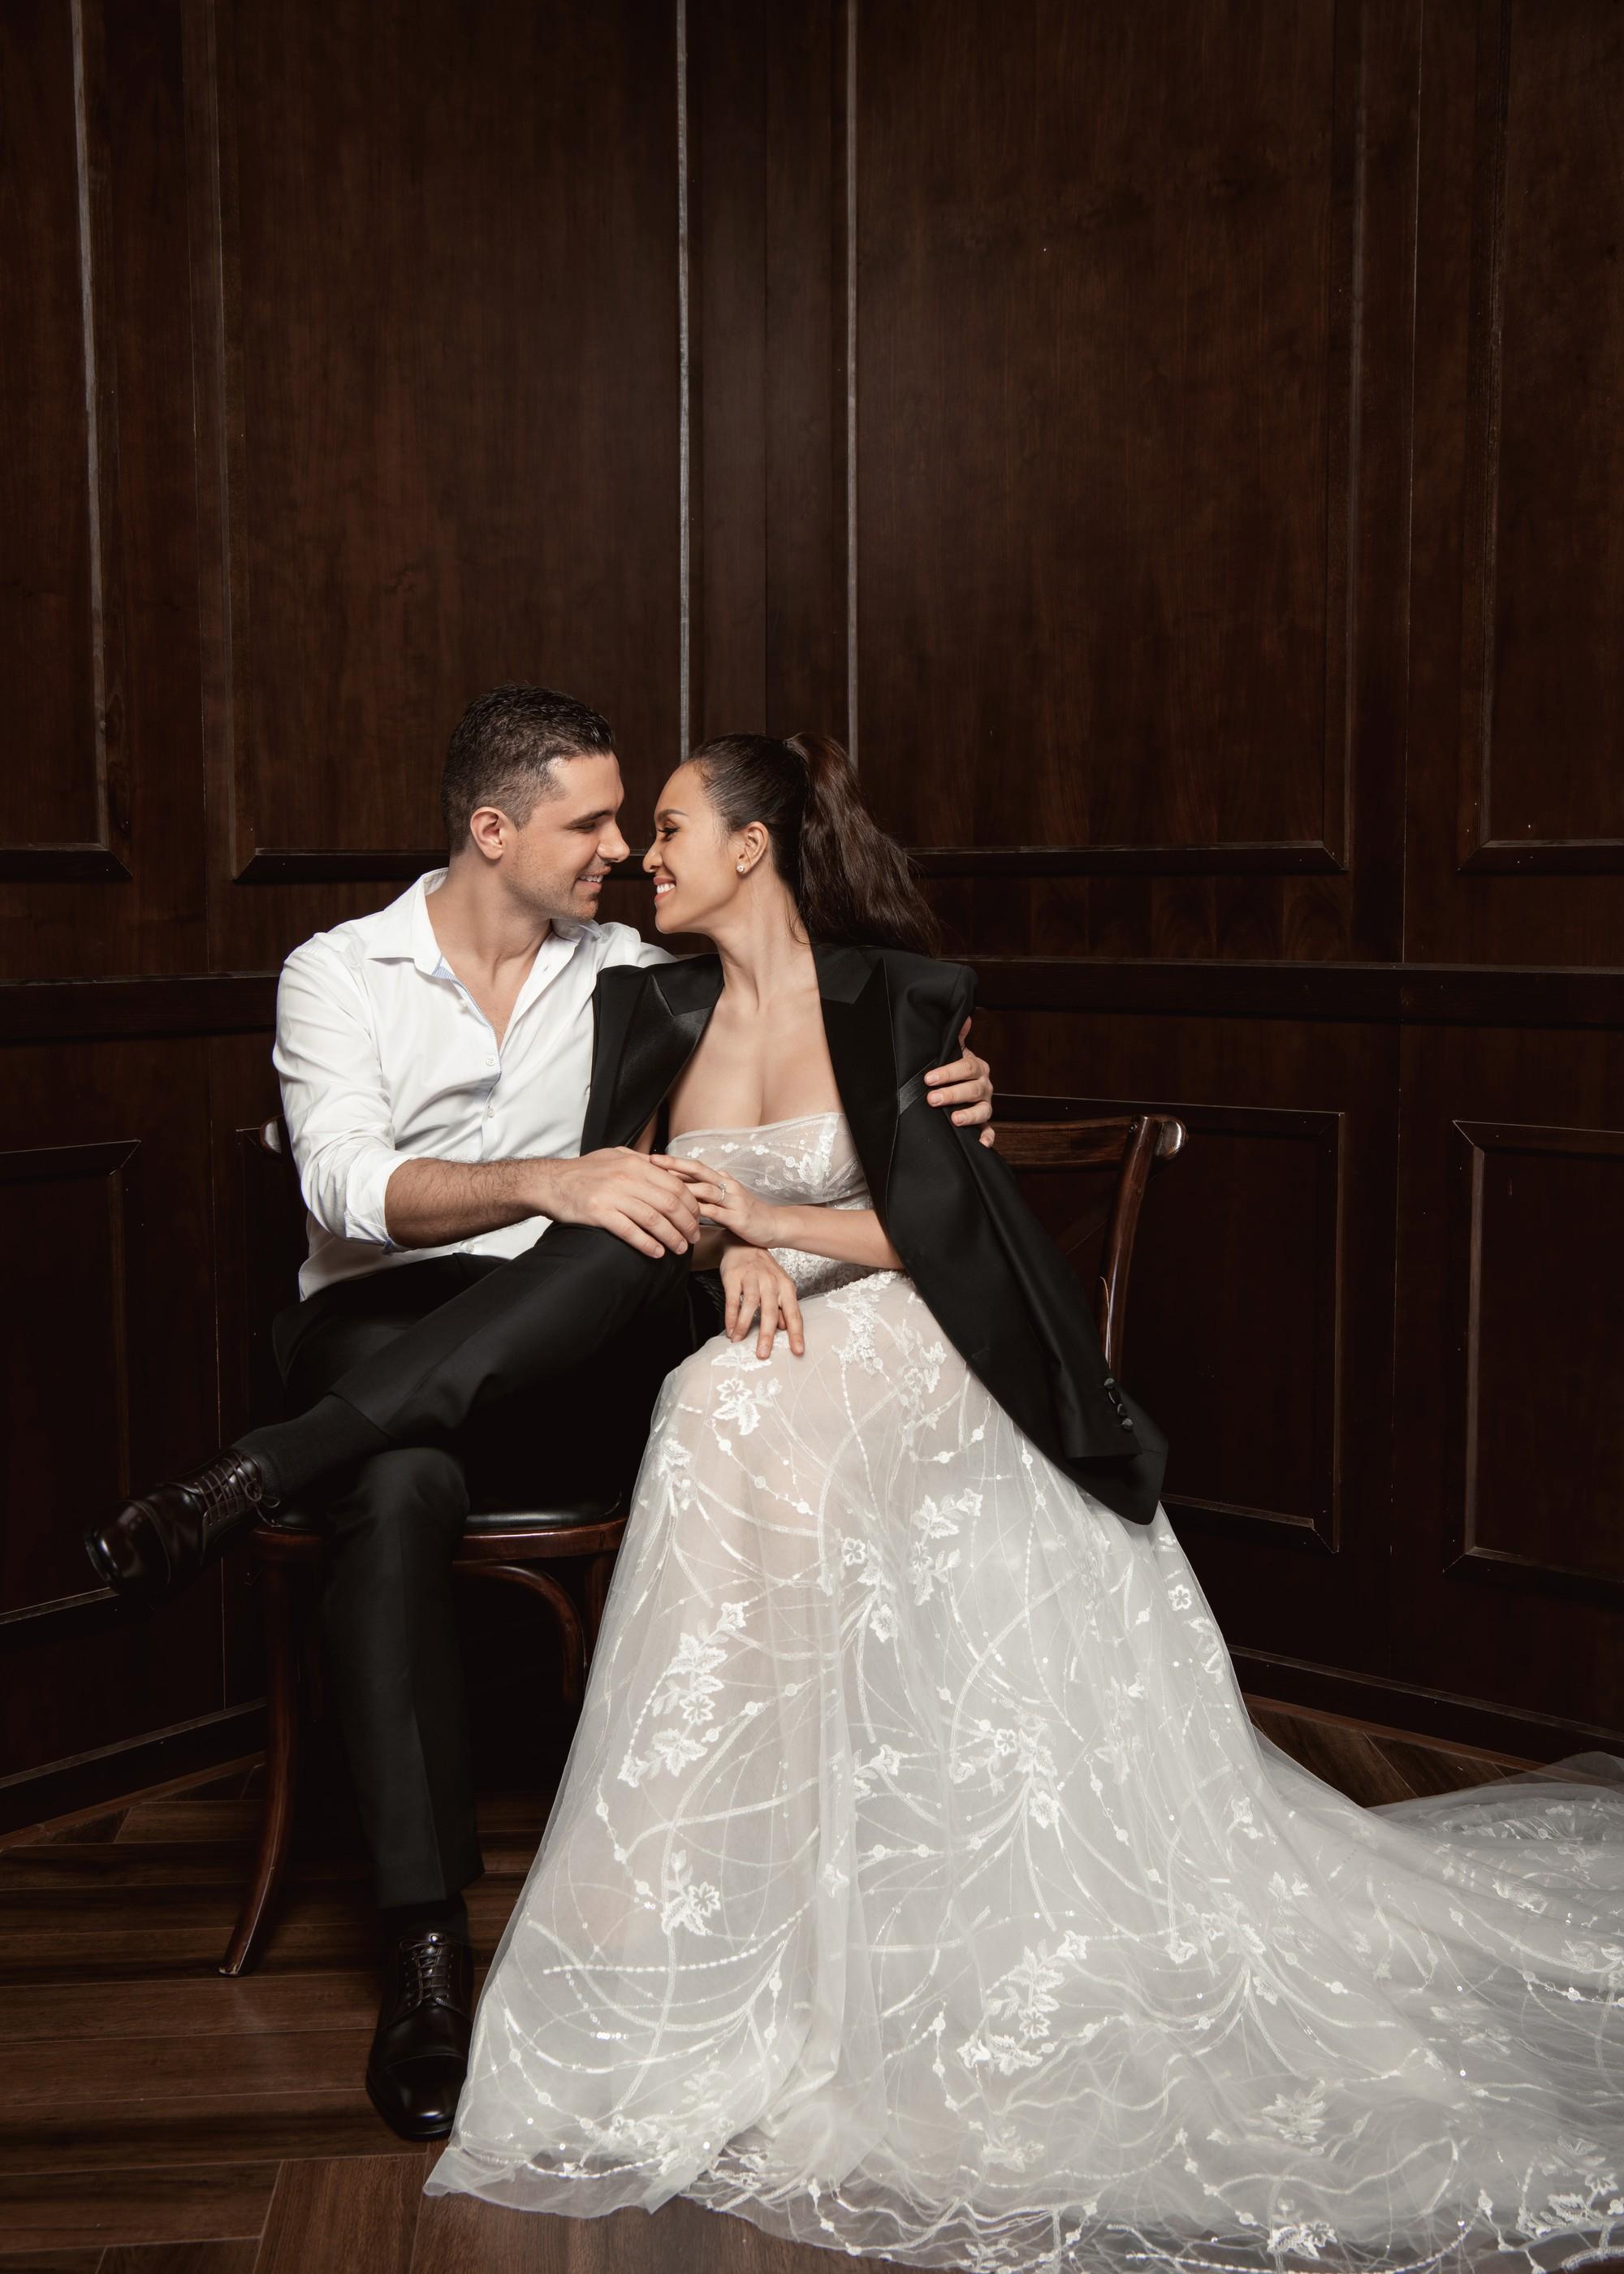 Siêu mẫu Phương Mai khoá môi ông xã Tây cực ngọt ngào trong bộ ảnh cưới trước ngày lên xe hoa - Ảnh 2.